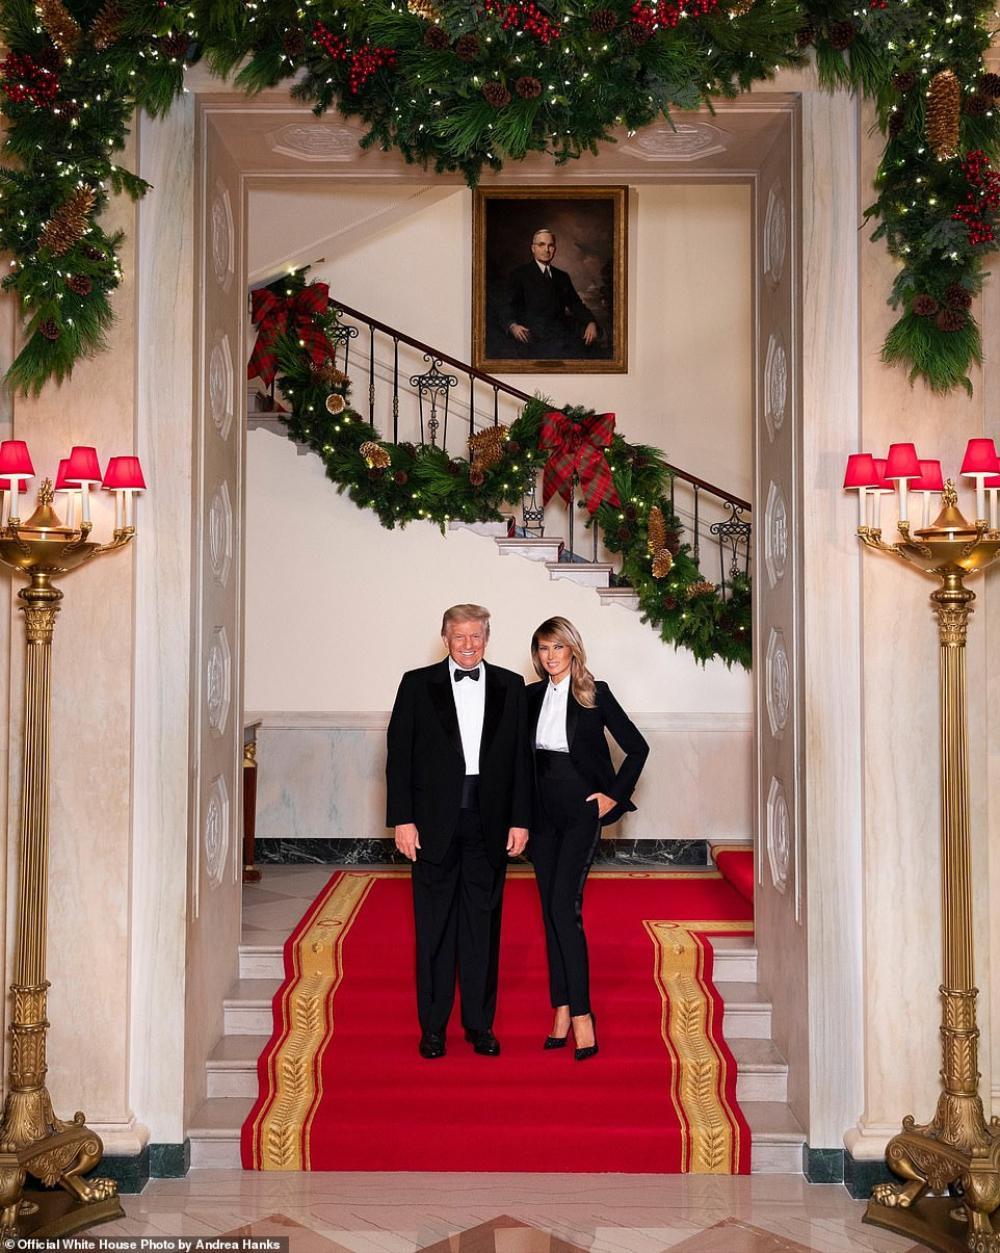 Vợ chồng Tổng thống Trump mặc trang phục ton sur ton chụp ảnh Giáng sinh Ảnh 1